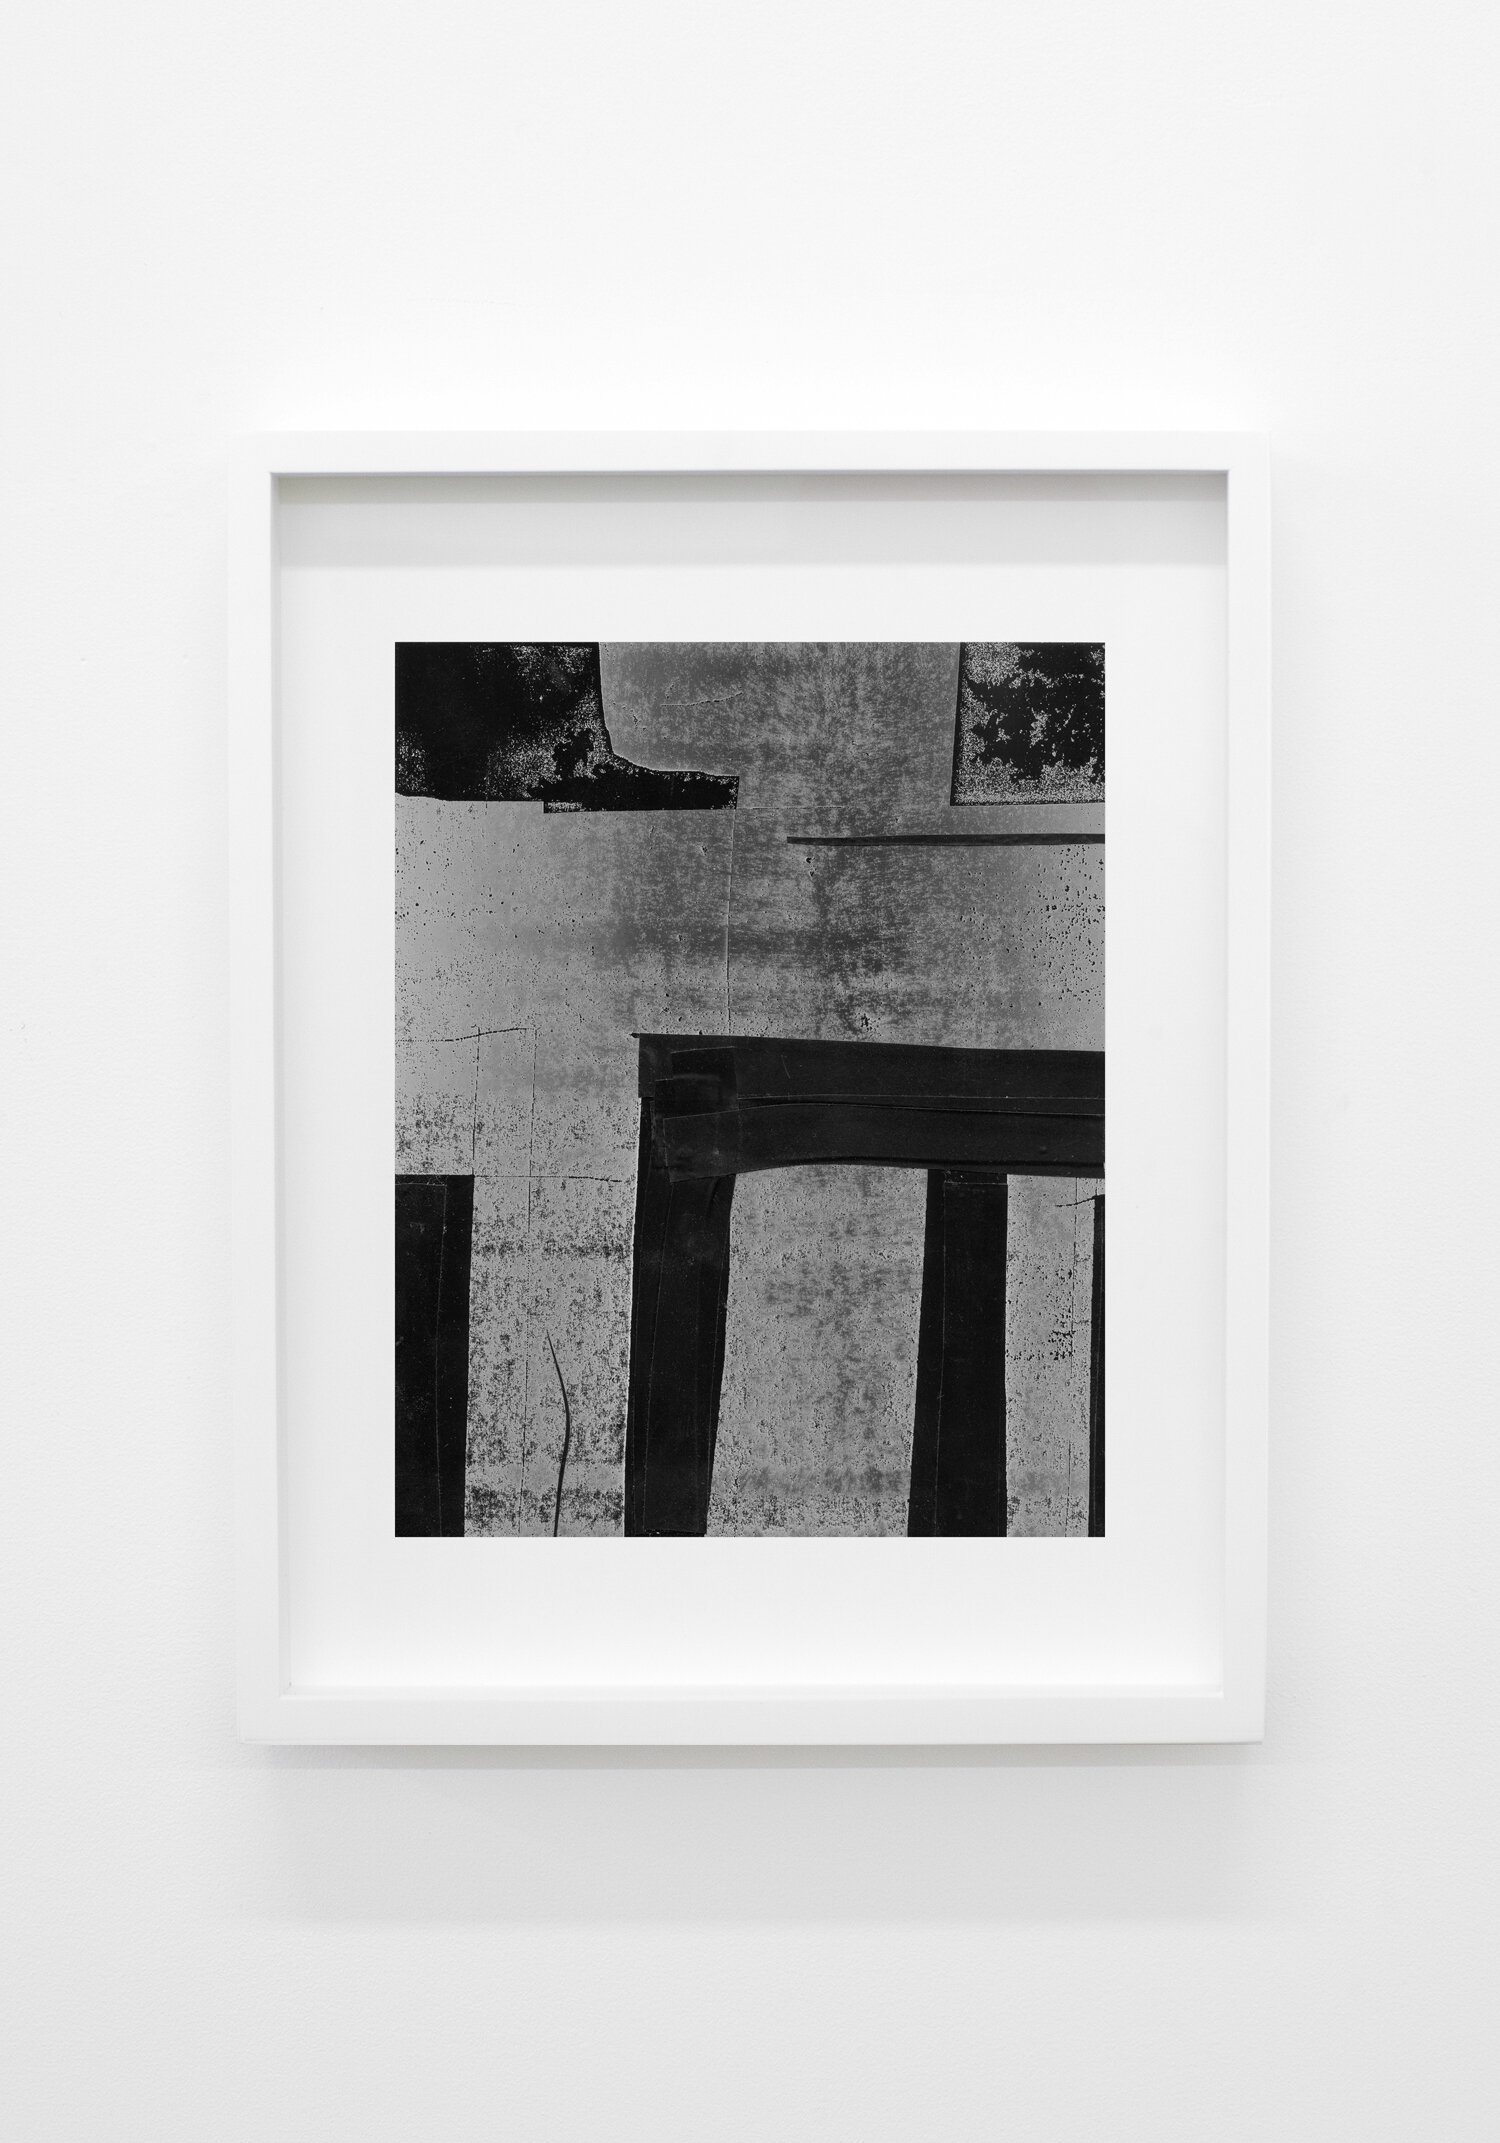 """Jérôme Nadeau,  Still Stirring,  édition unique, 2019, impression argentique, 25 x 20 cm (10"""" x 8"""")"""